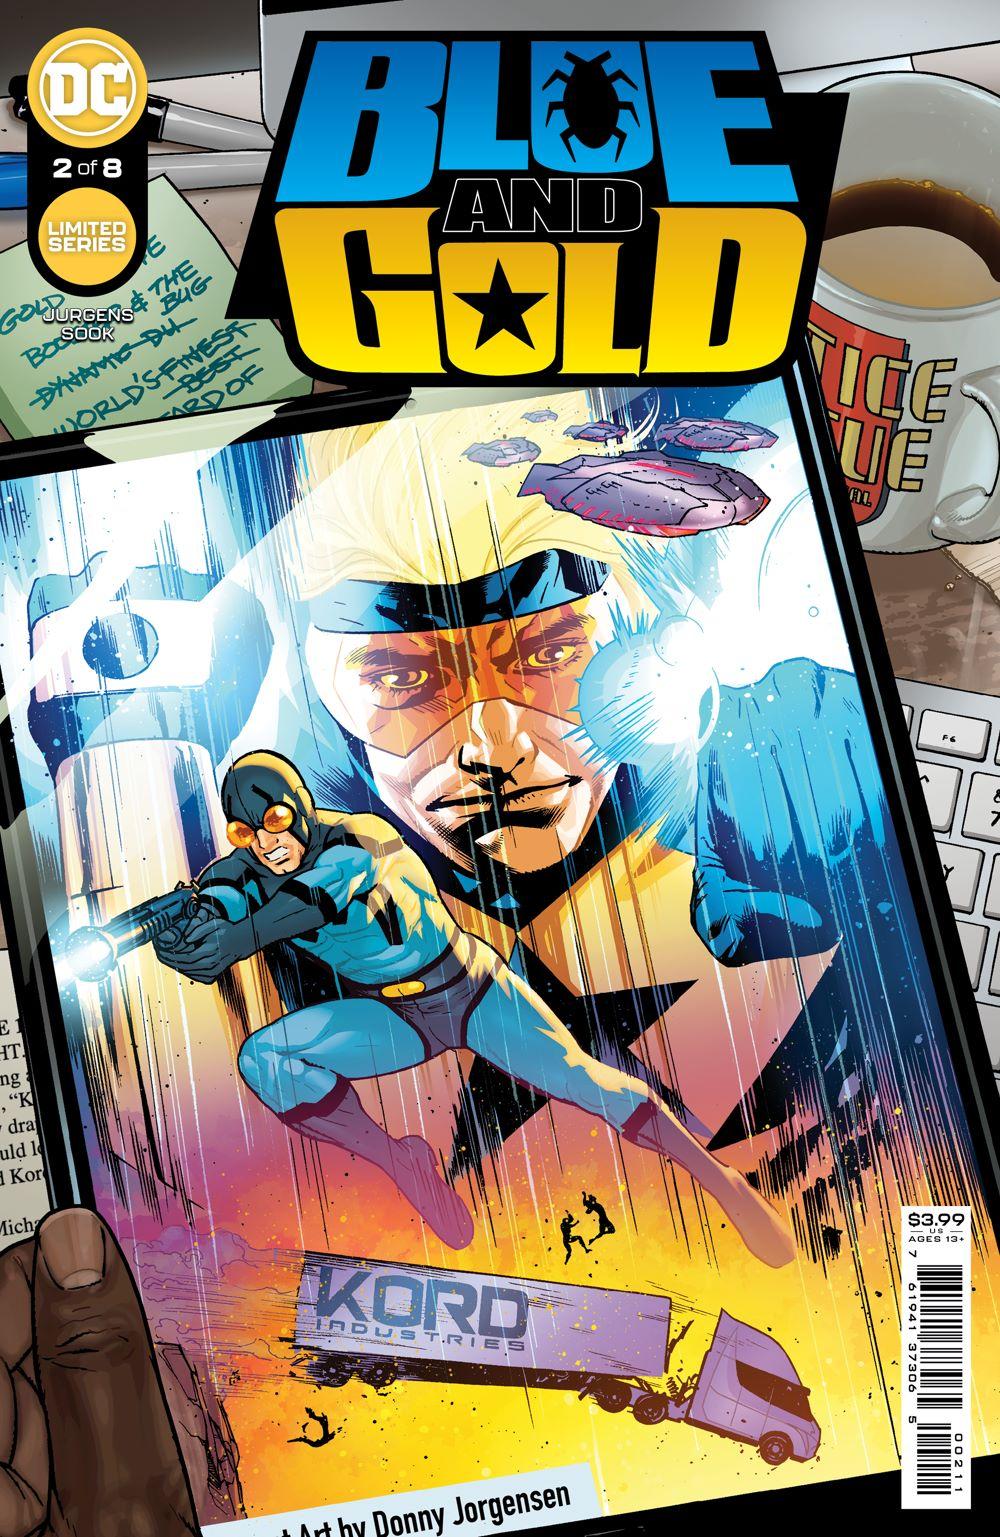 BG_Cv2 DC Comics August 2021 Solicitations